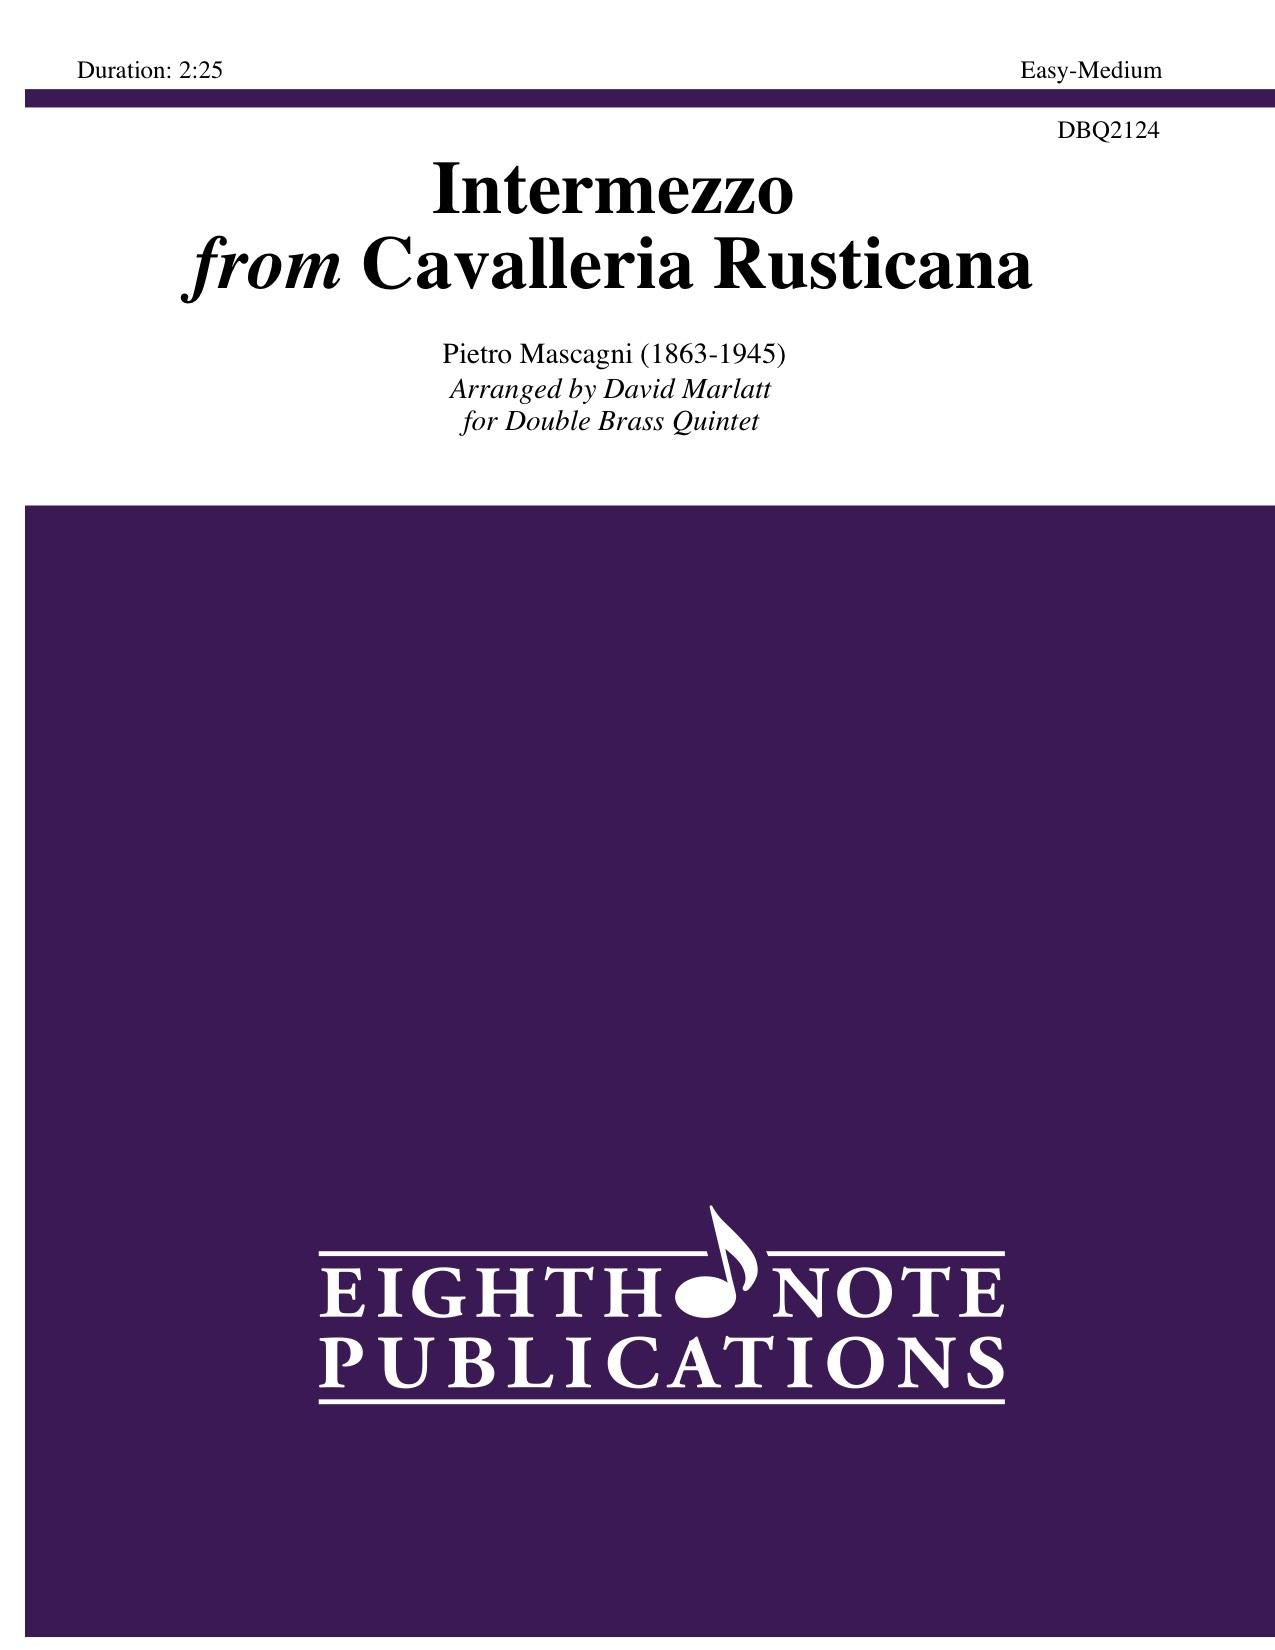 Intermezzo from Cavalleria Rusticana - Pietro Mascagni